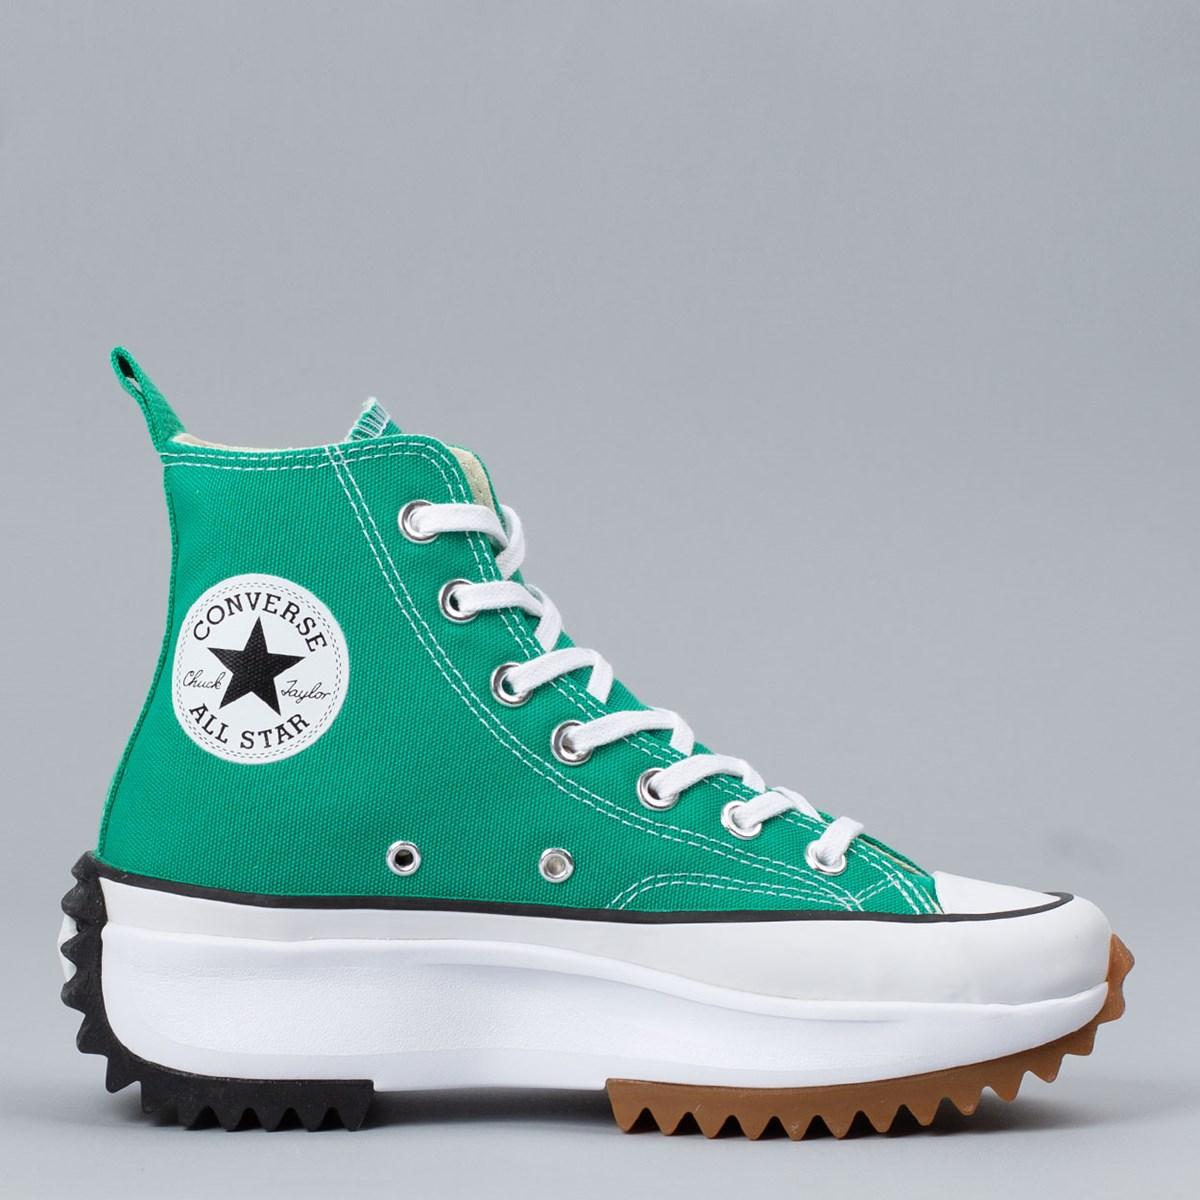 Tênis Converse Run Star Hike Hi Canvas Color Court Green White Gum 170441C